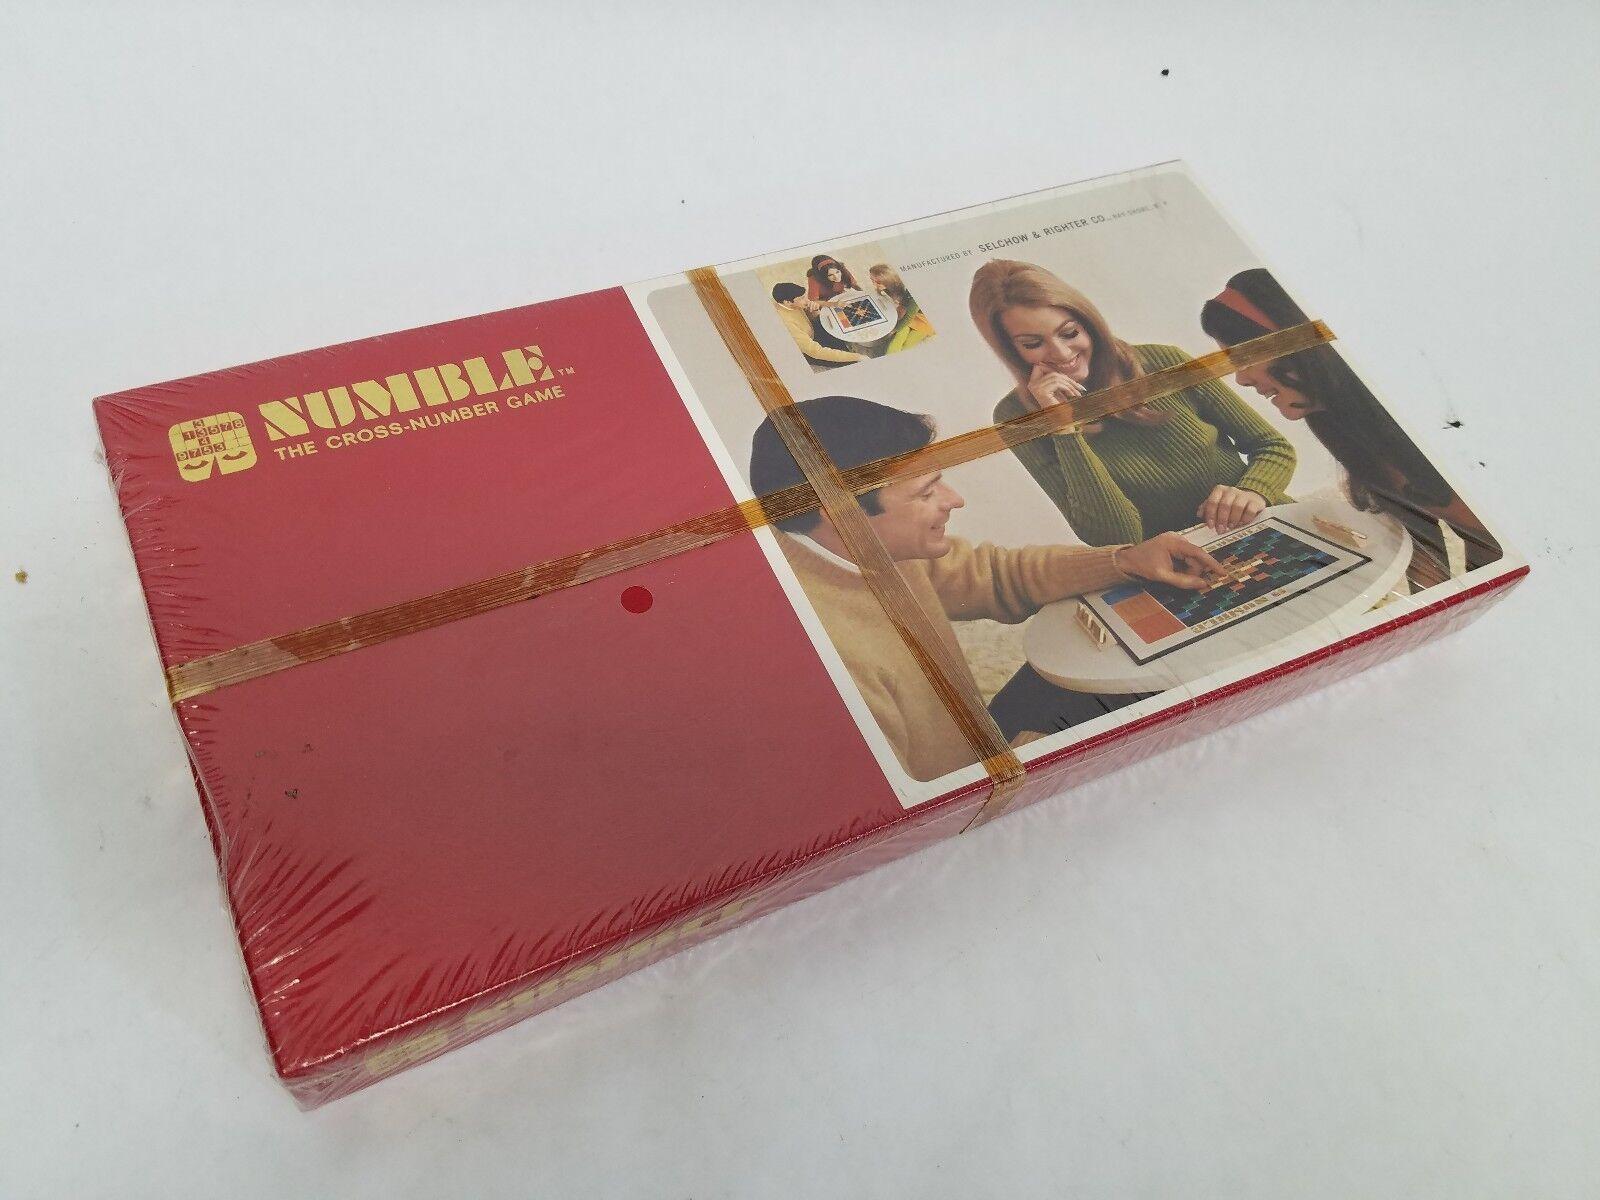 Vintage numble la Croix-Nombre Jeu 1968 NEUF boîte scellée avec l'extérieur graphique